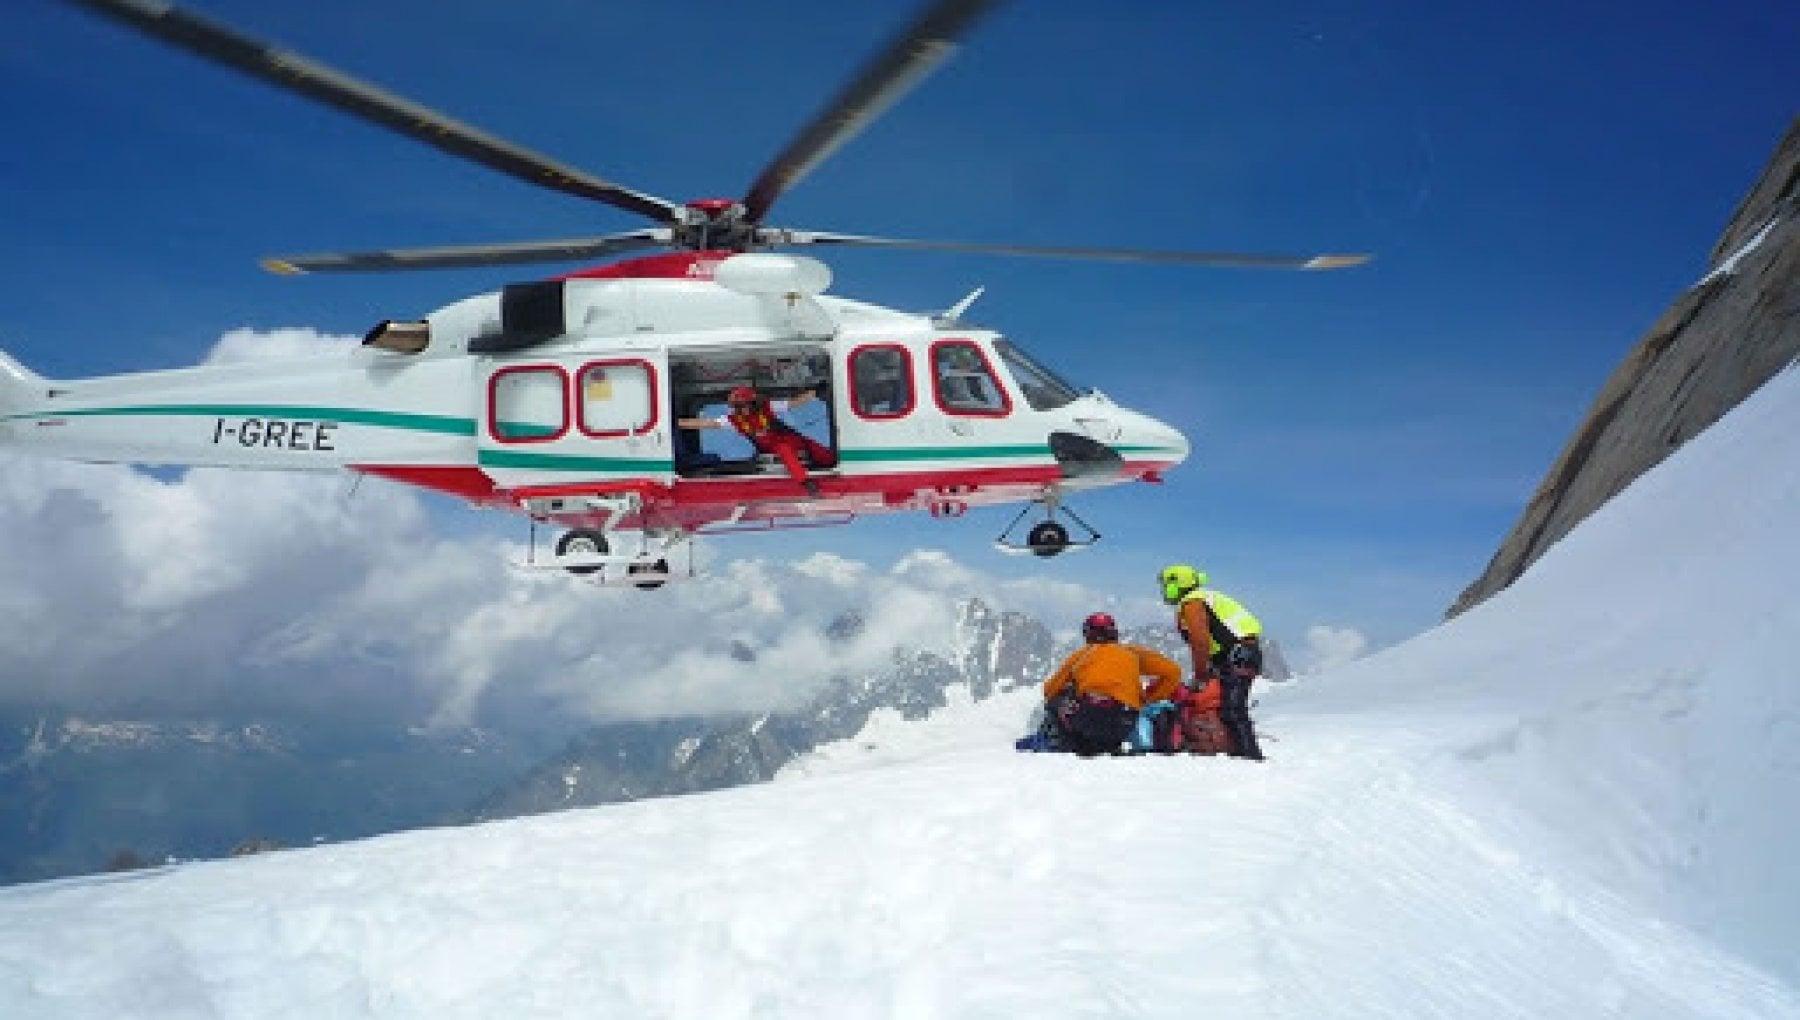 160415589 b0493c10 8f07 4654 b6c5 af5090cf9da6 - Valle d'Aosta, scialpinista muore travolto da valanga sotto gli occhi del compagno di escursione